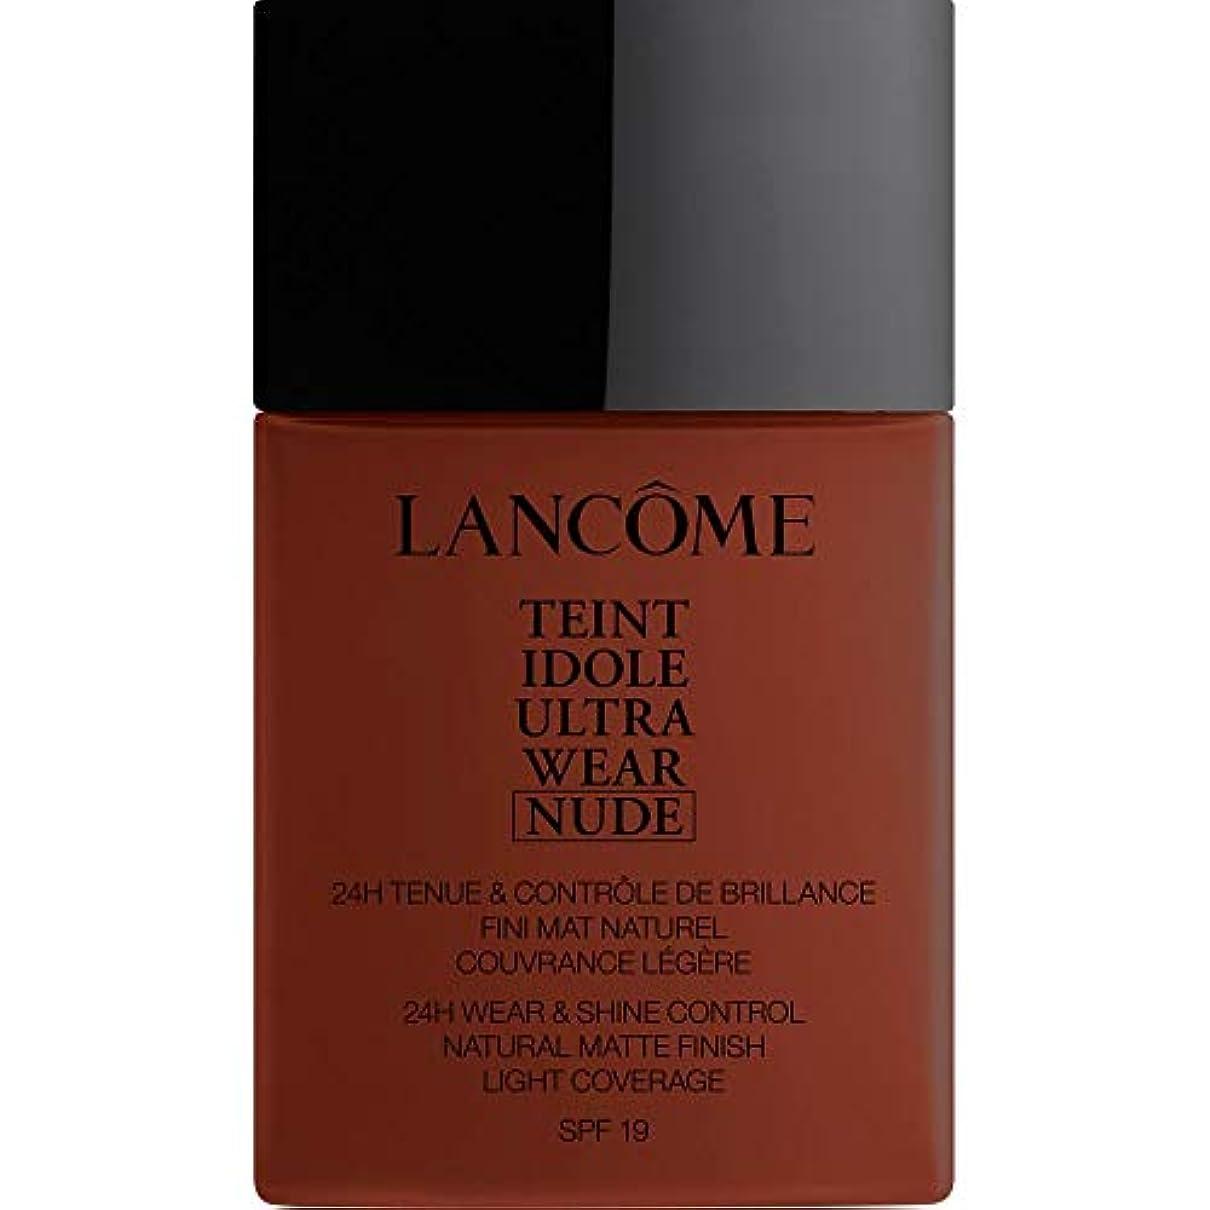 うまくやる()記憶バイソン[Lanc?me ] ランコムTeintのIdole超摩耗ヌード財団Spf19の40ミリリットル16 - カフェ - Lancome Teint Idole Ultra Wear Nude Foundation SPF19...